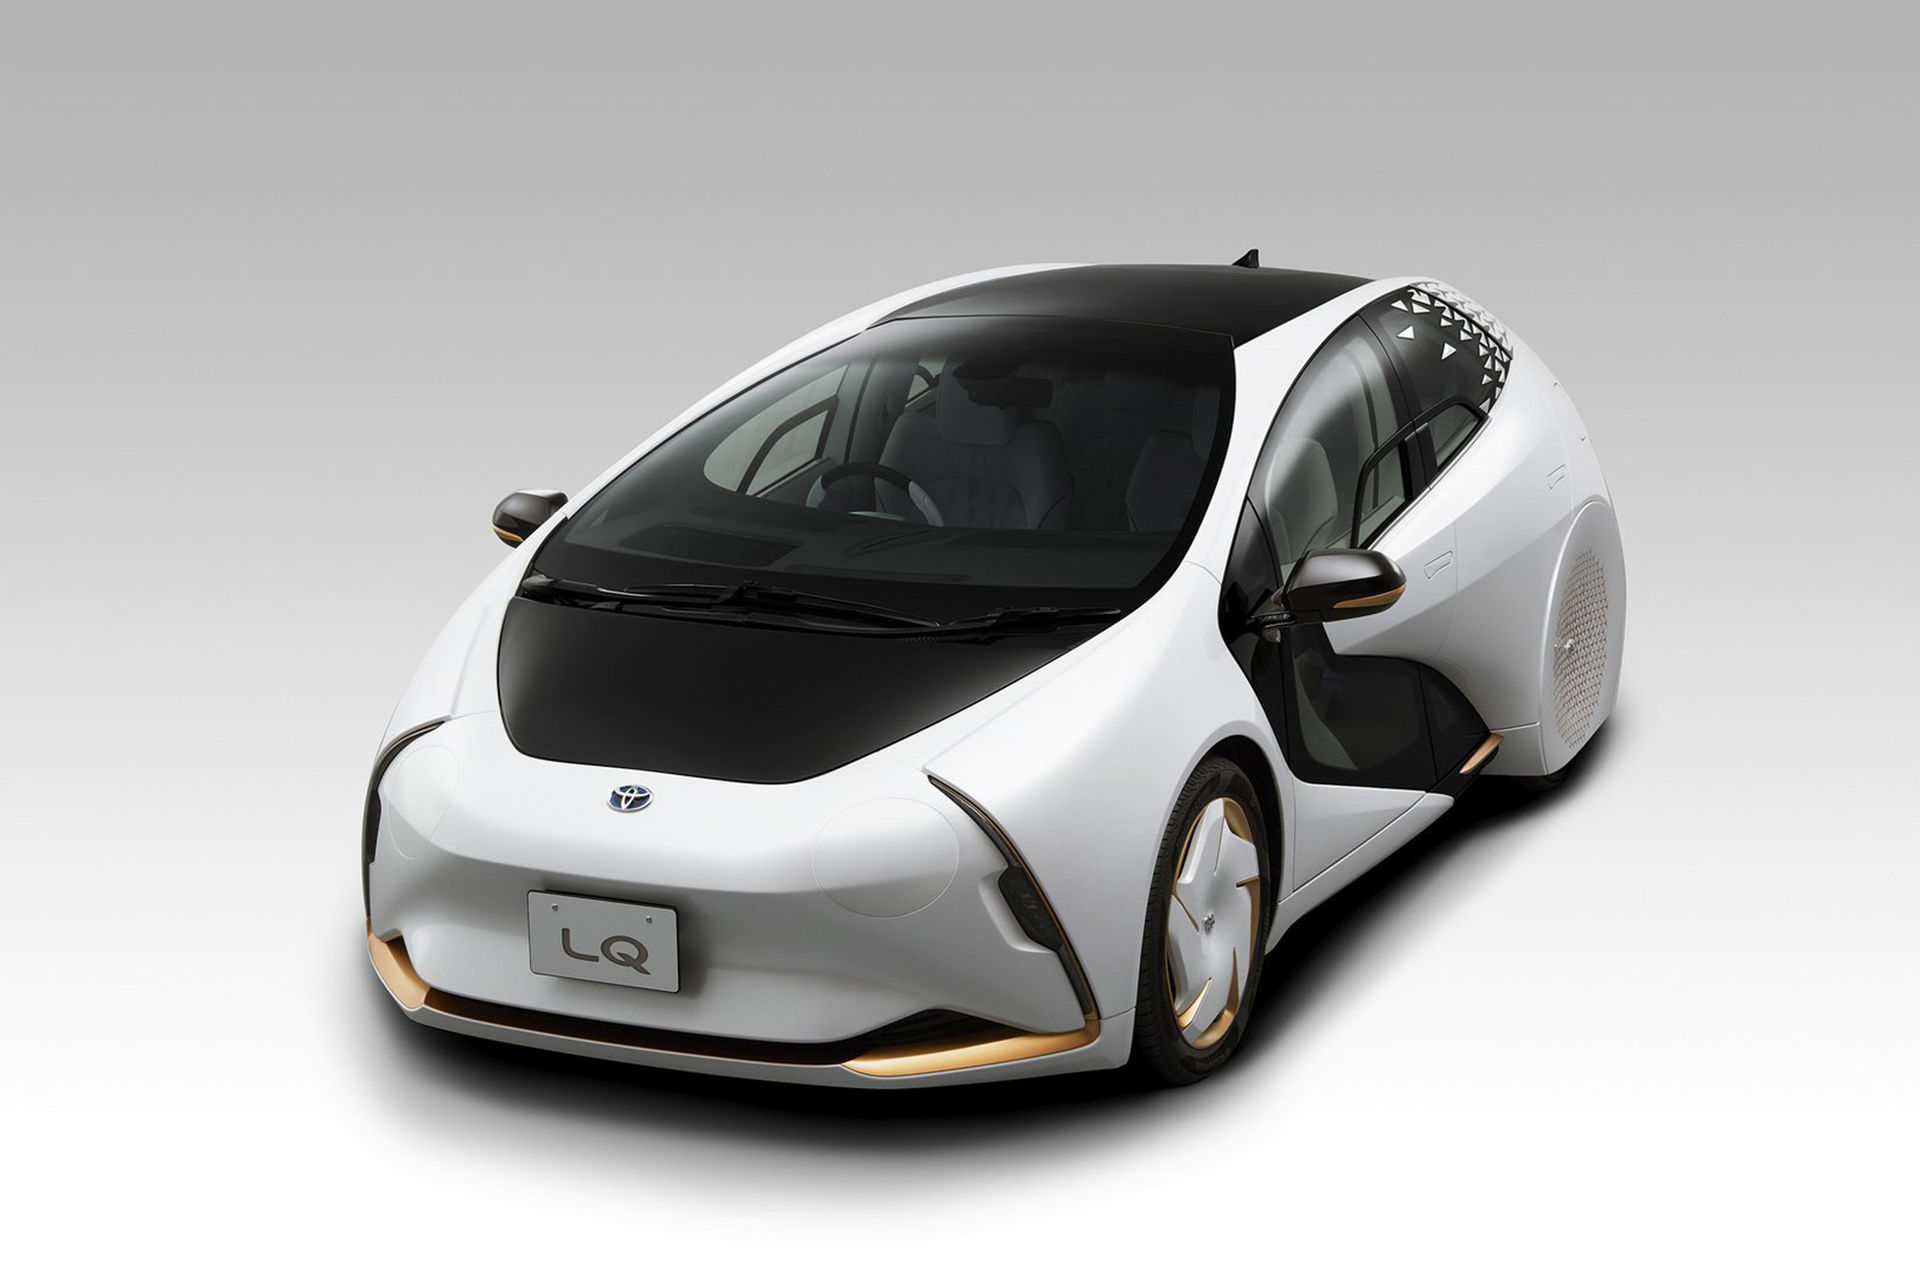 Toyota LQ är en uppdaterad version av Concept-i